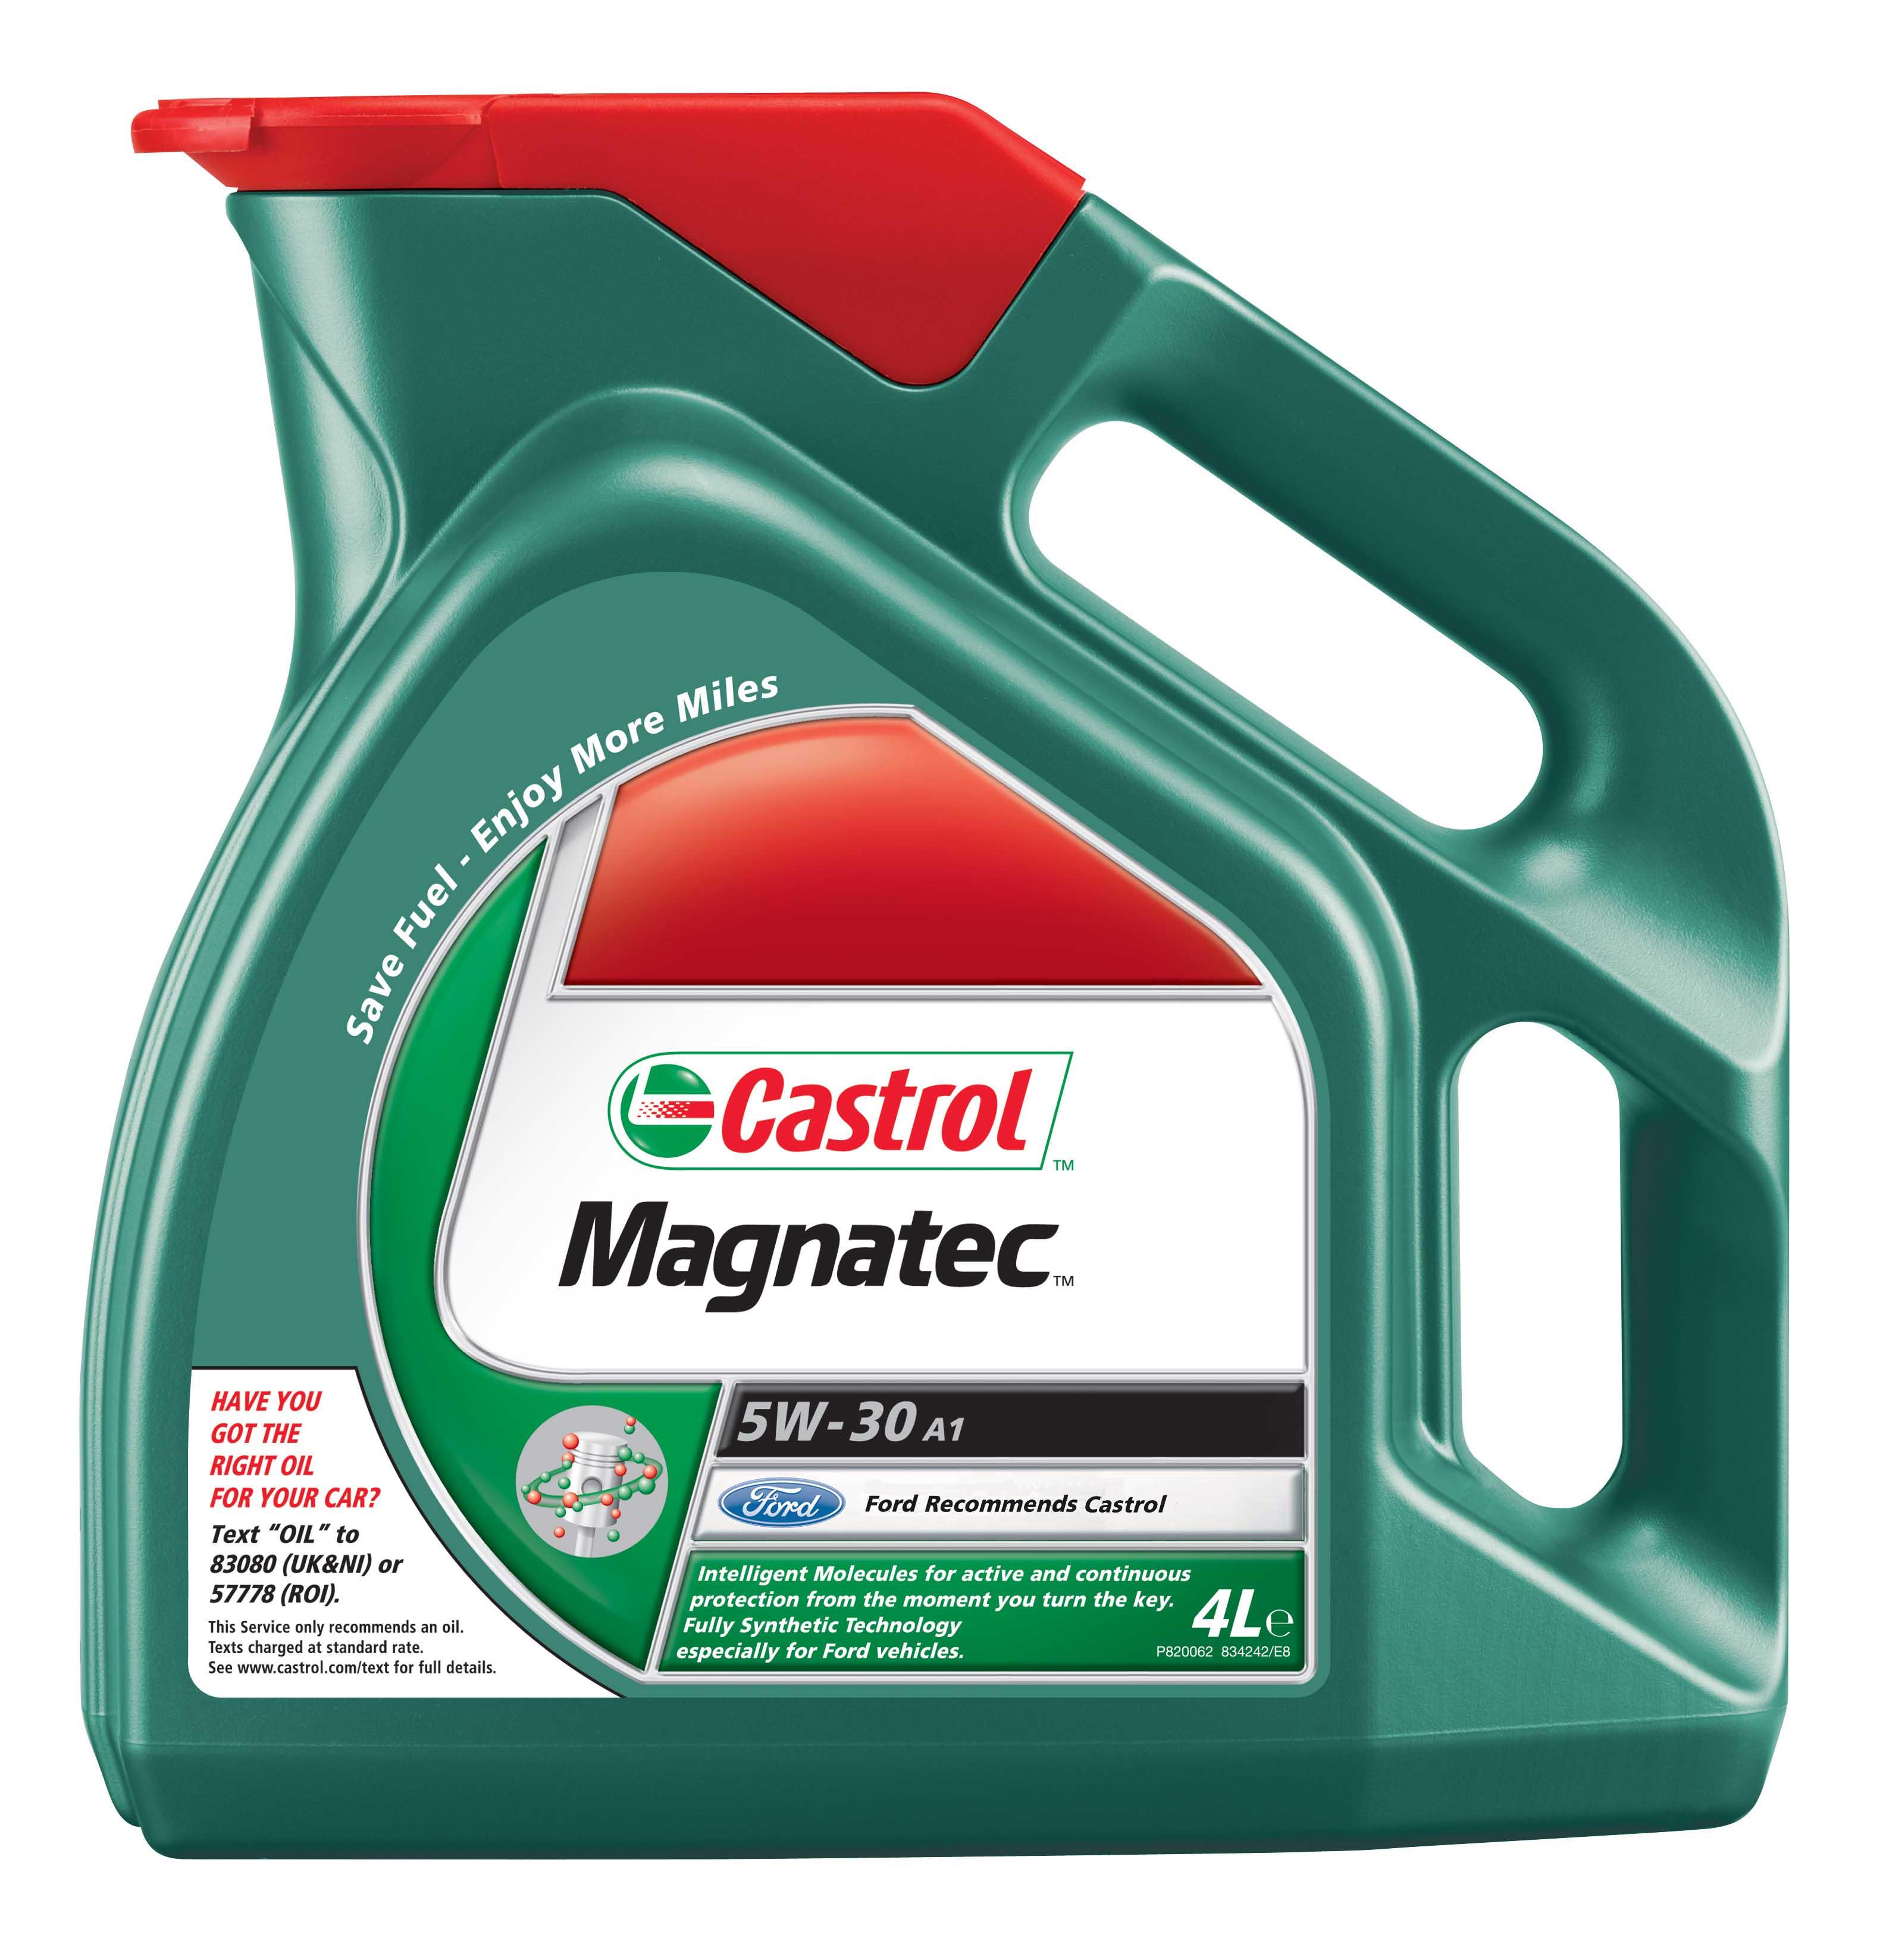 Castil oil